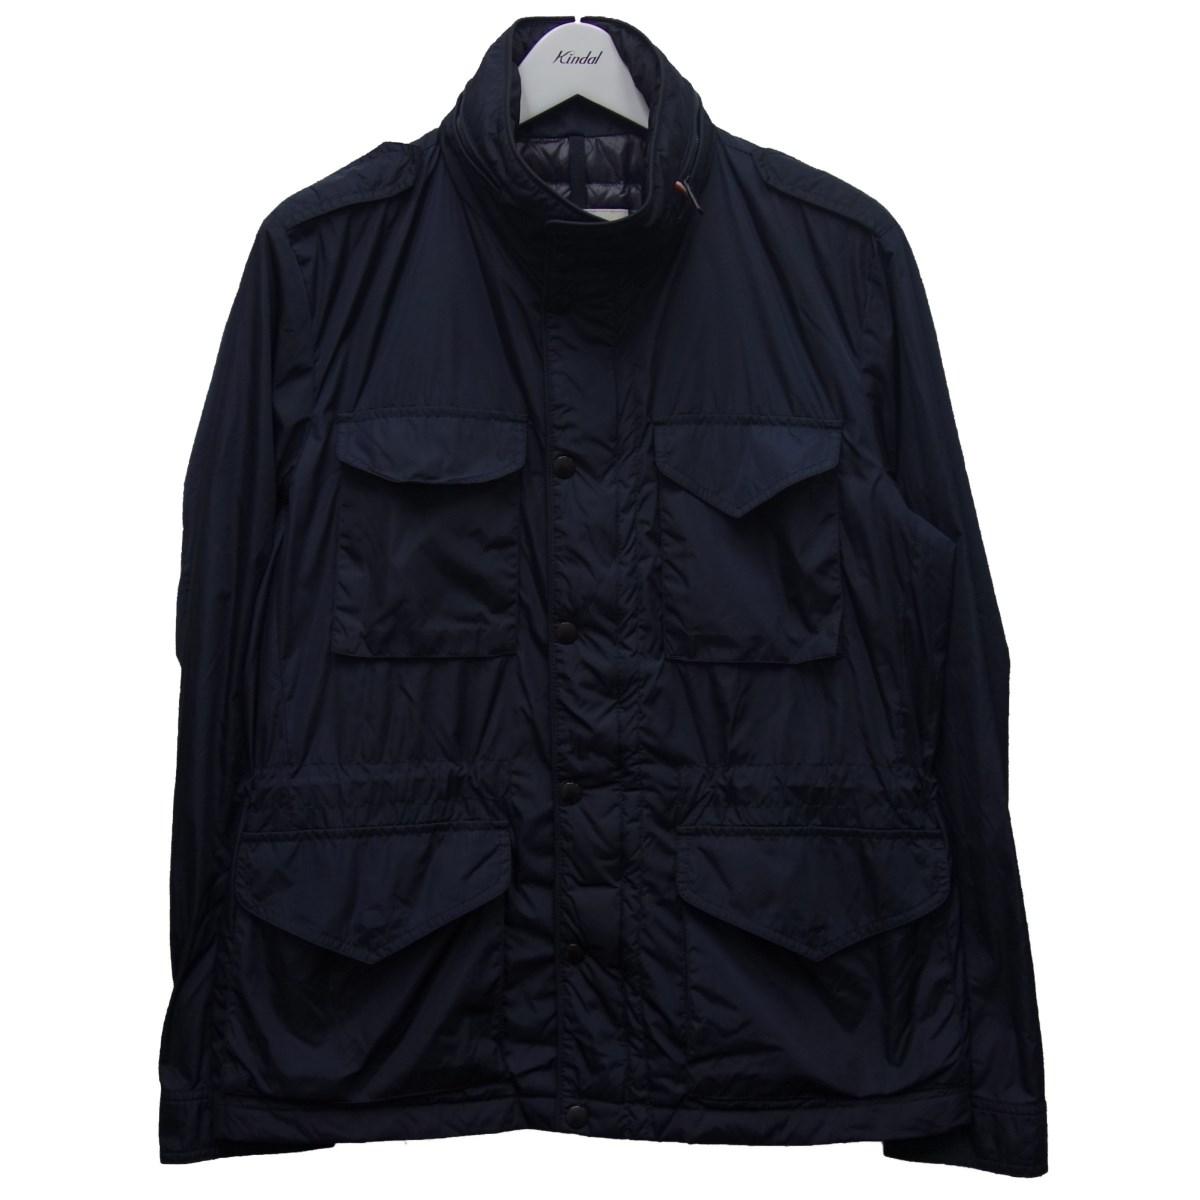 【中古】MONCLER 「YOANN」M-65ヨアンダウンジャケット ネイビー サイズ:2 【260820】(モンクレール)